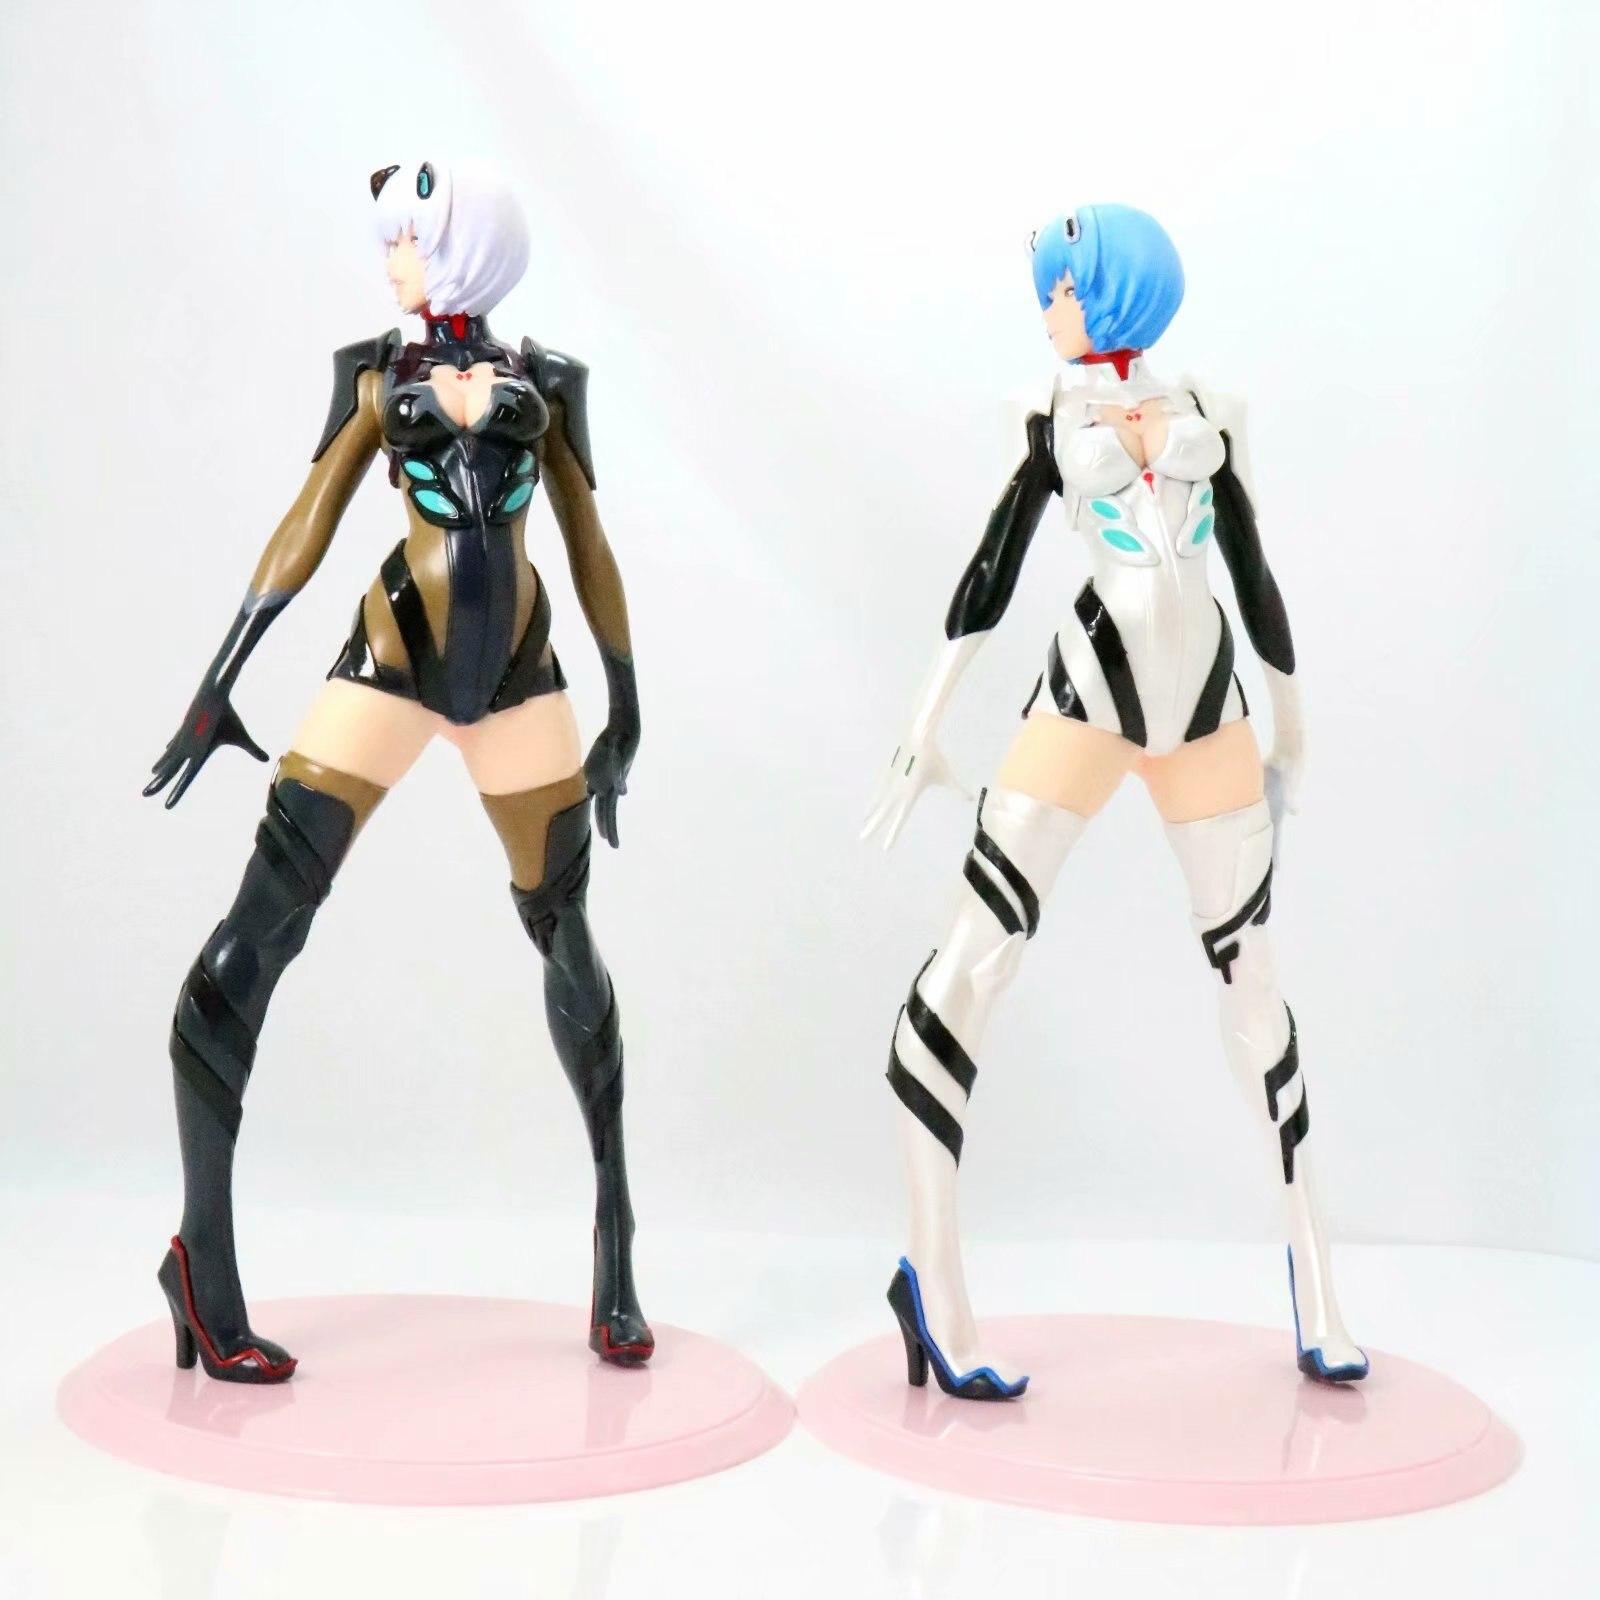 NEON GENESIS évangélisation EVA Ayanami Rei modèle d'anime cadeau de noël jouets loisirs figurines d'action figurines d'anime